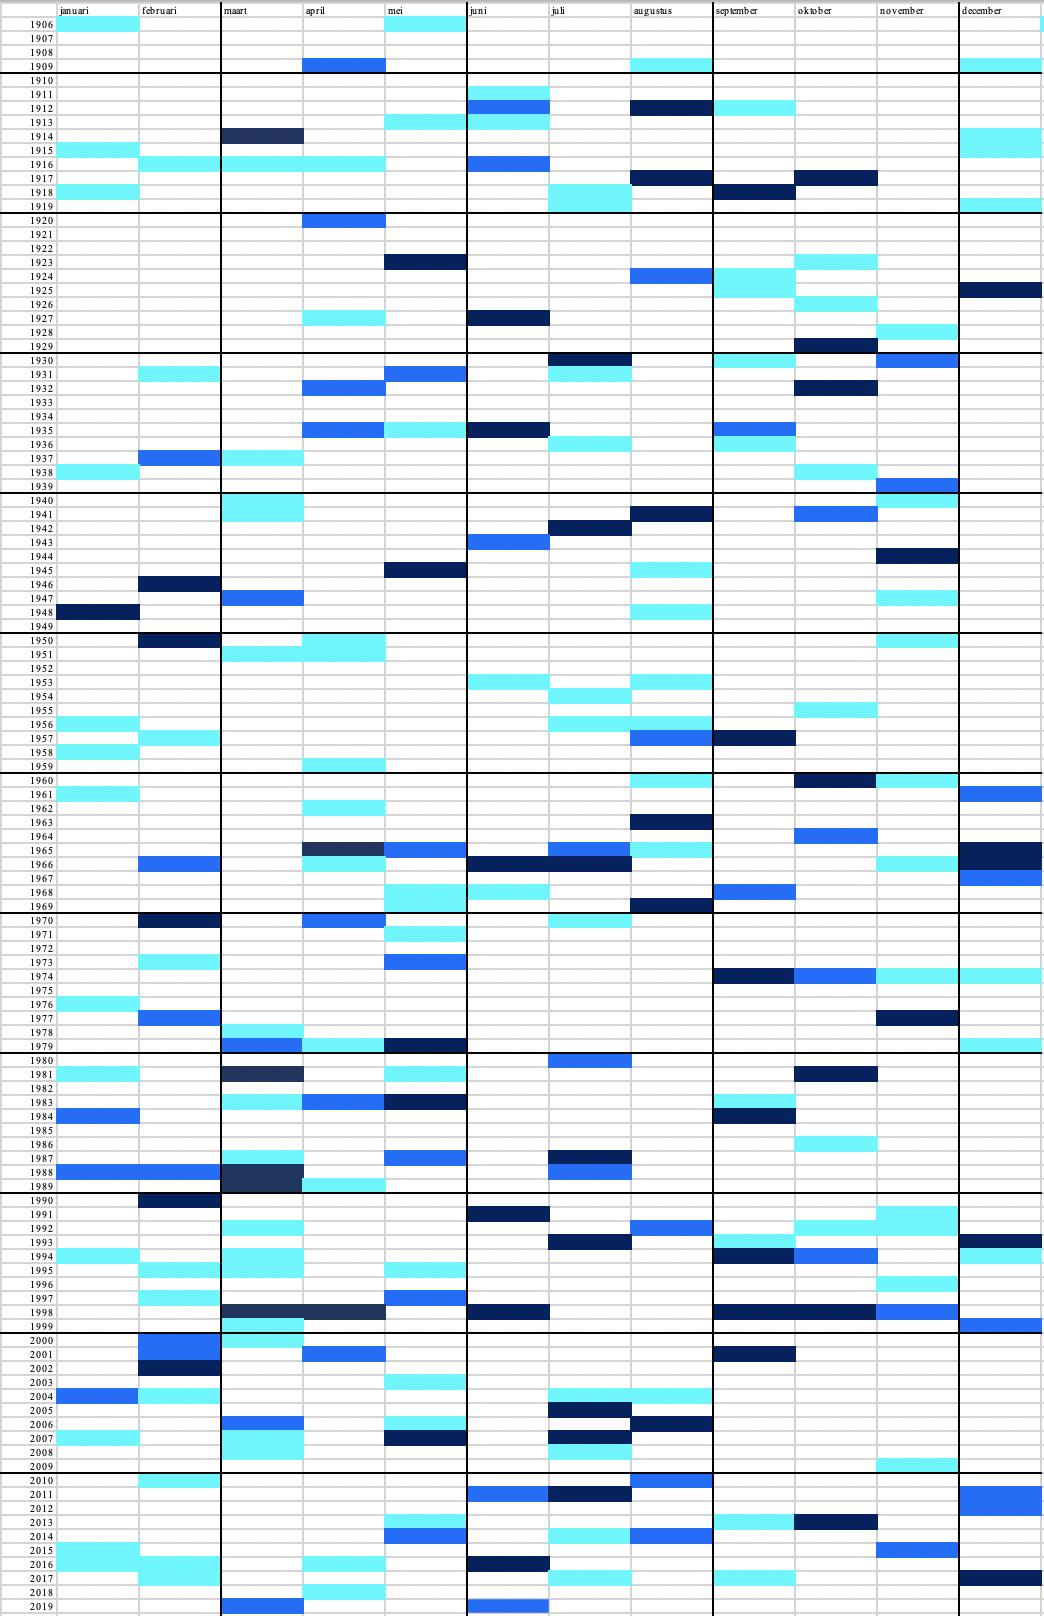 Overzicht van natte tot zeer natte maanden in De Bilt met respectievelijk 150 tot 174% (lichtblauw), 175 tot 199% (blauw) en meer dan 200% van de gemiddelde hoeveelheid neerslag voor die maand.